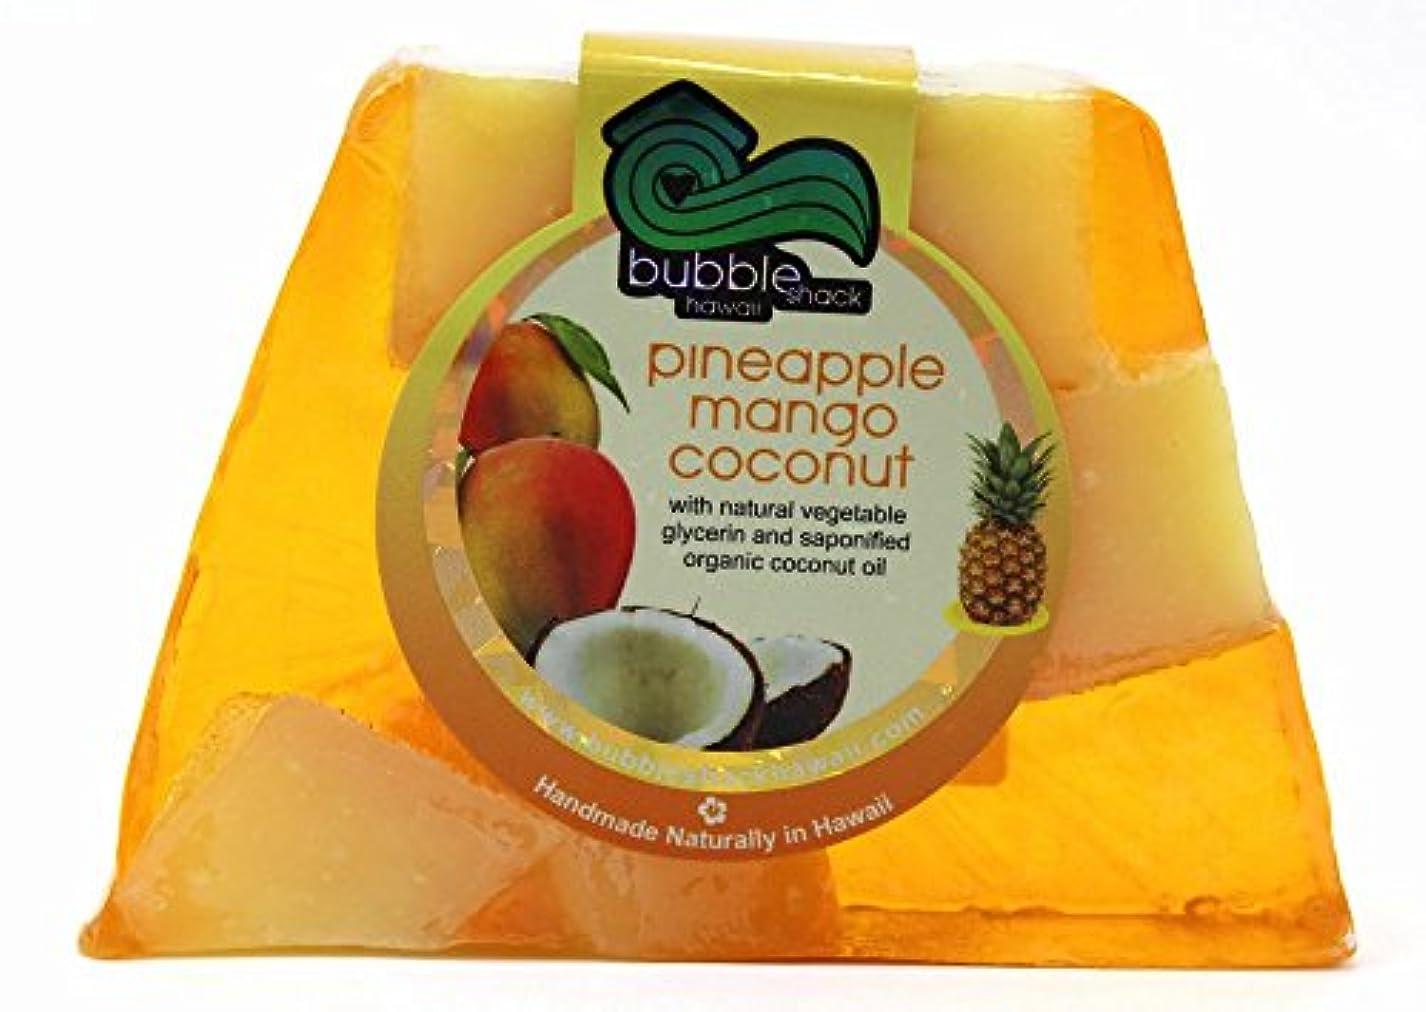 死んでいる石鹸再発するハワイ お土産 ハワイアン雑貨 バブルシャック パイナップル チャンクソープ 石鹸 (マンゴーココナッツ) ハワイ雑貨